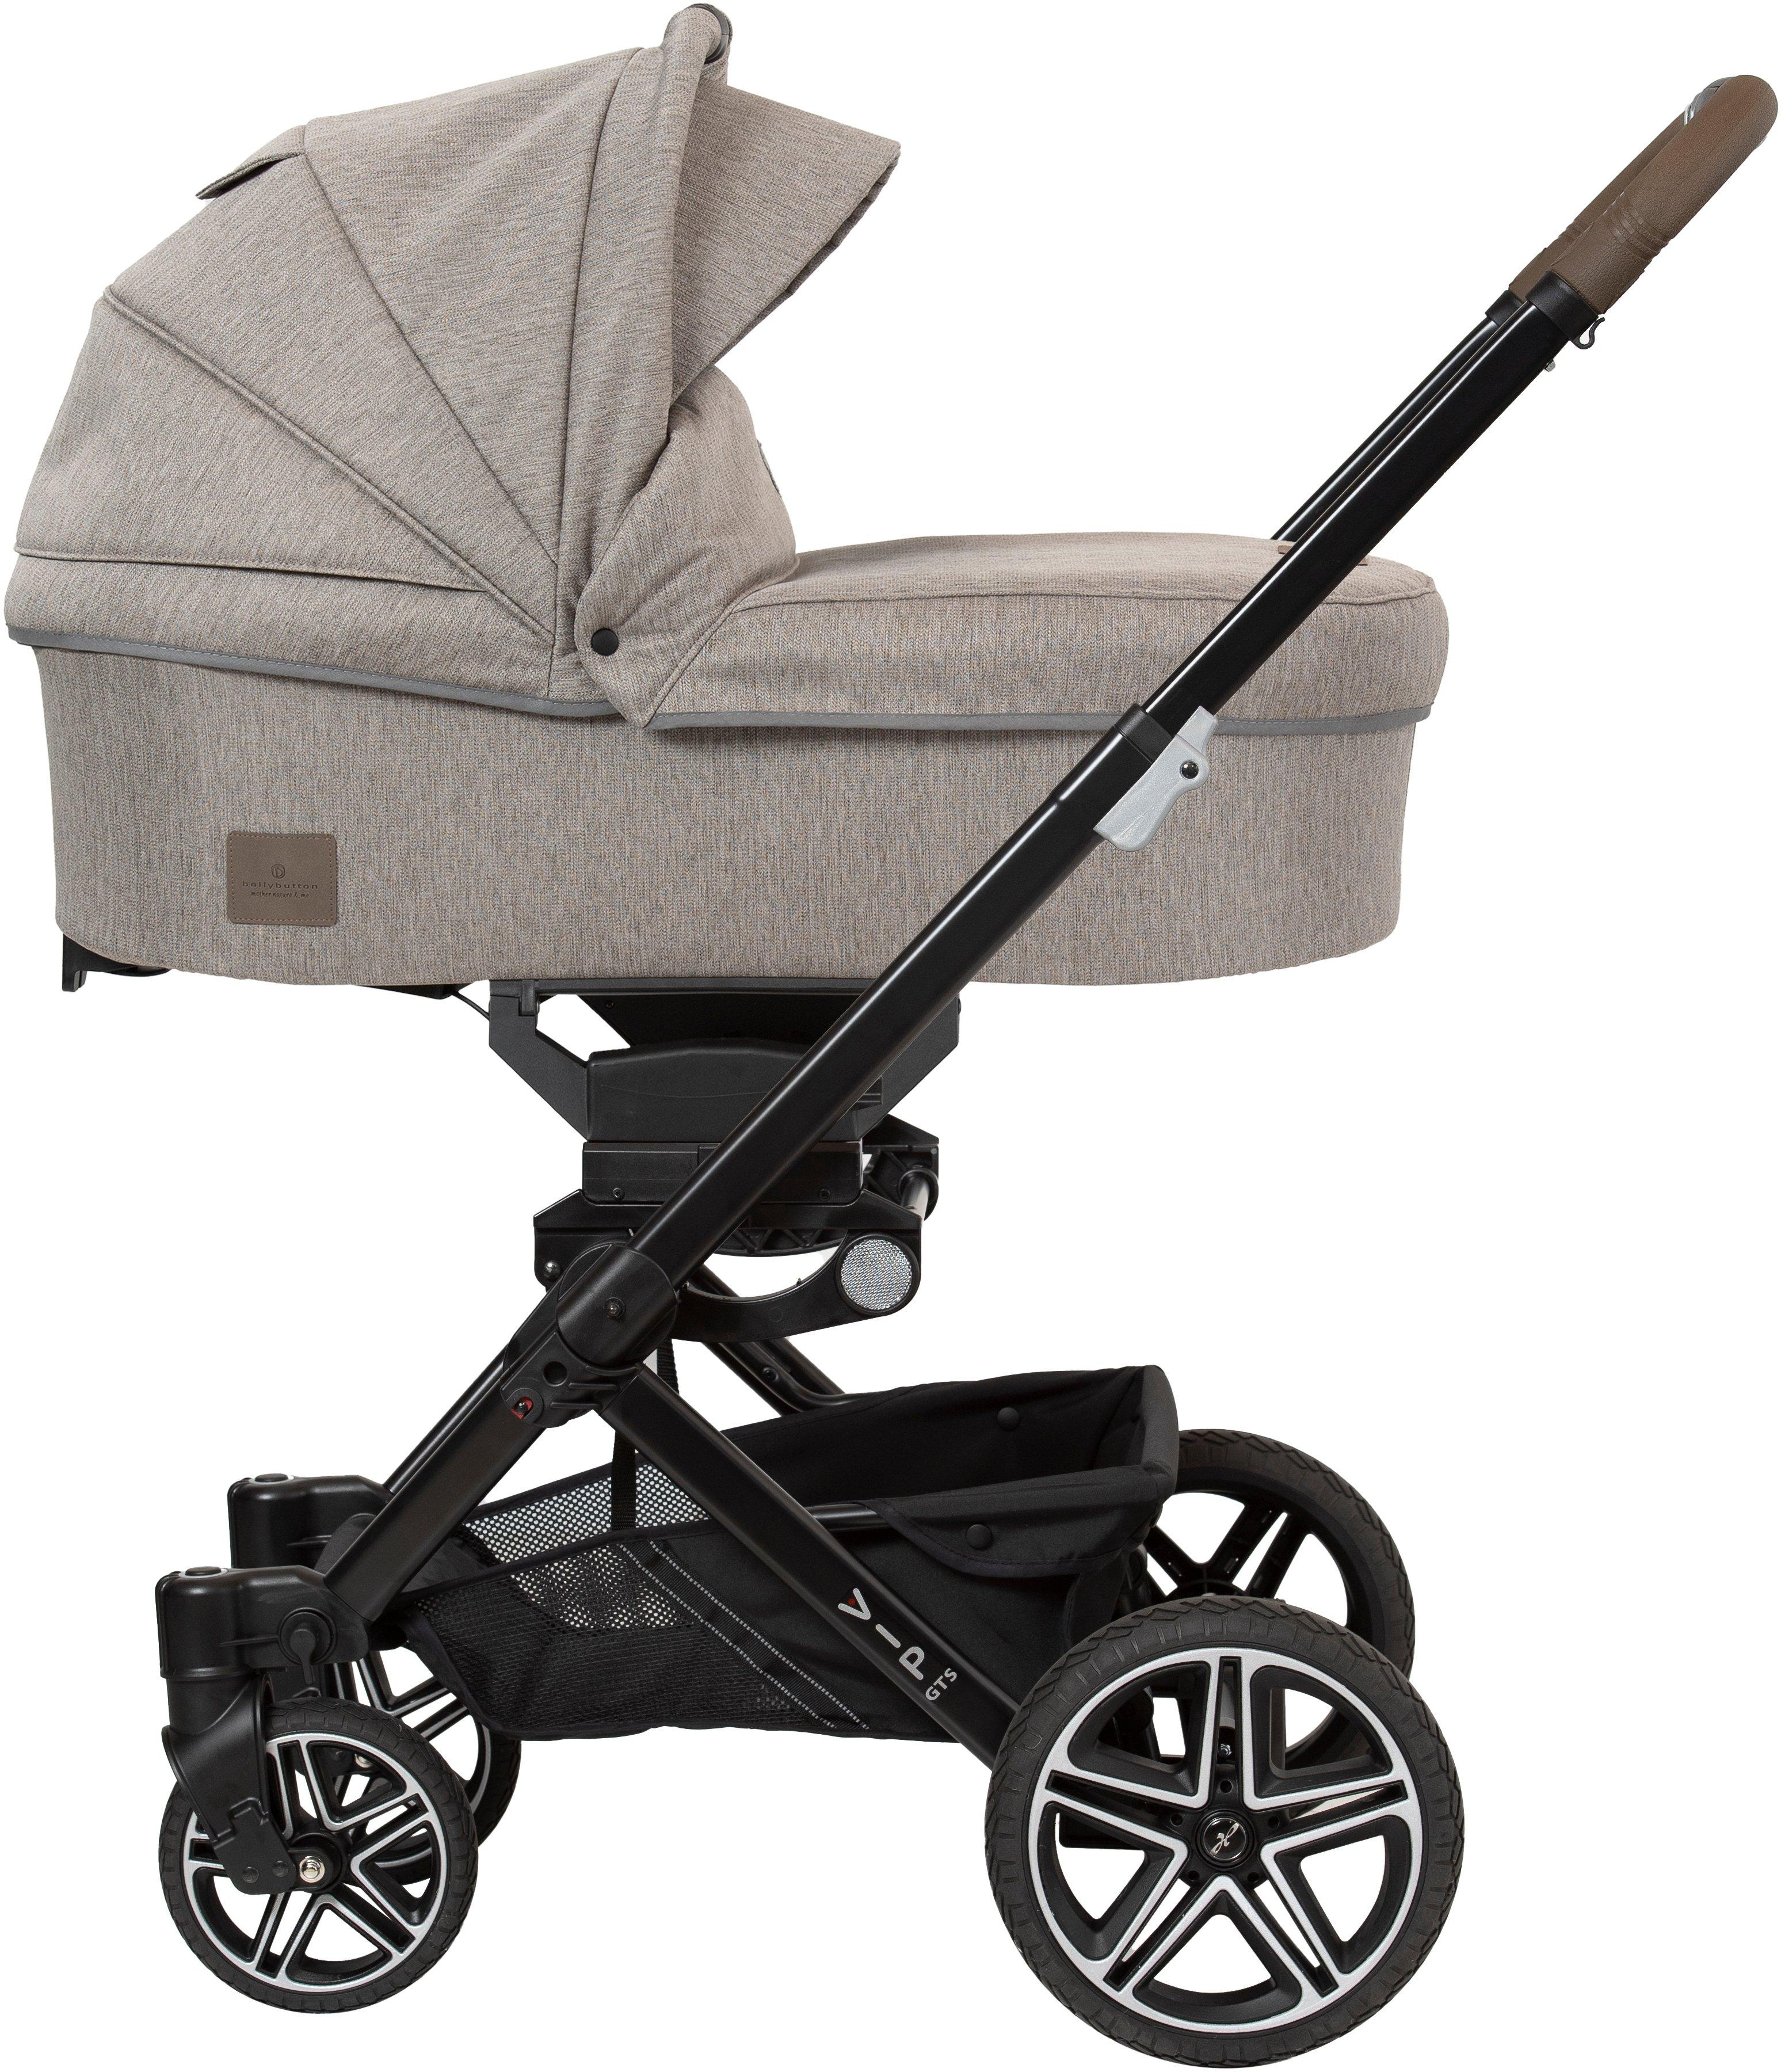 Op zoek naar een Hartan combi-kinderwagen Vip GTS - Bellybutton met opvouwbare tas; made in germany; kinderwagen? Koop online bij OTTO